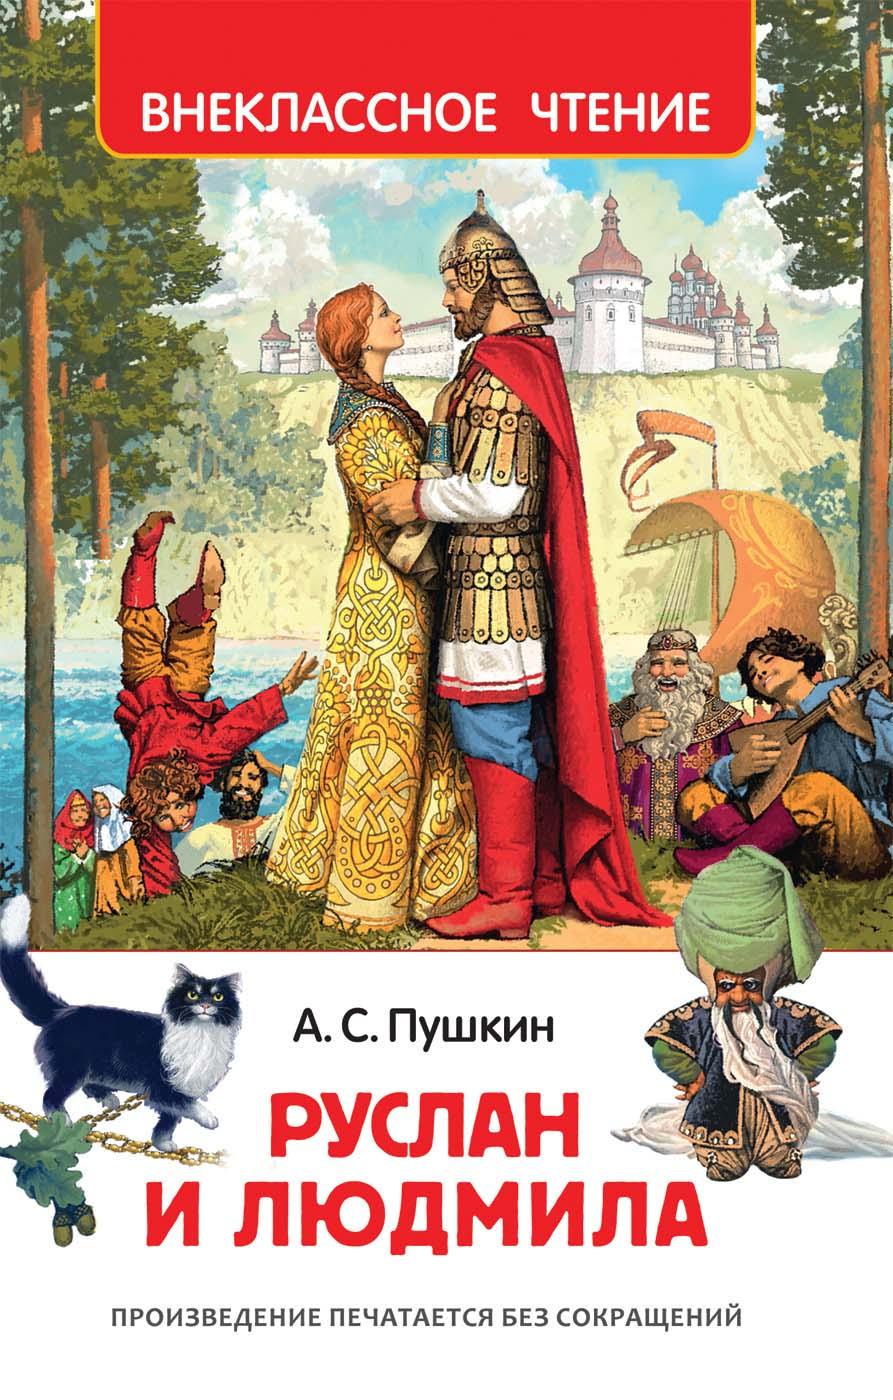 Купить Внеклассное чтение - Руслан и Людмила, Росмэн